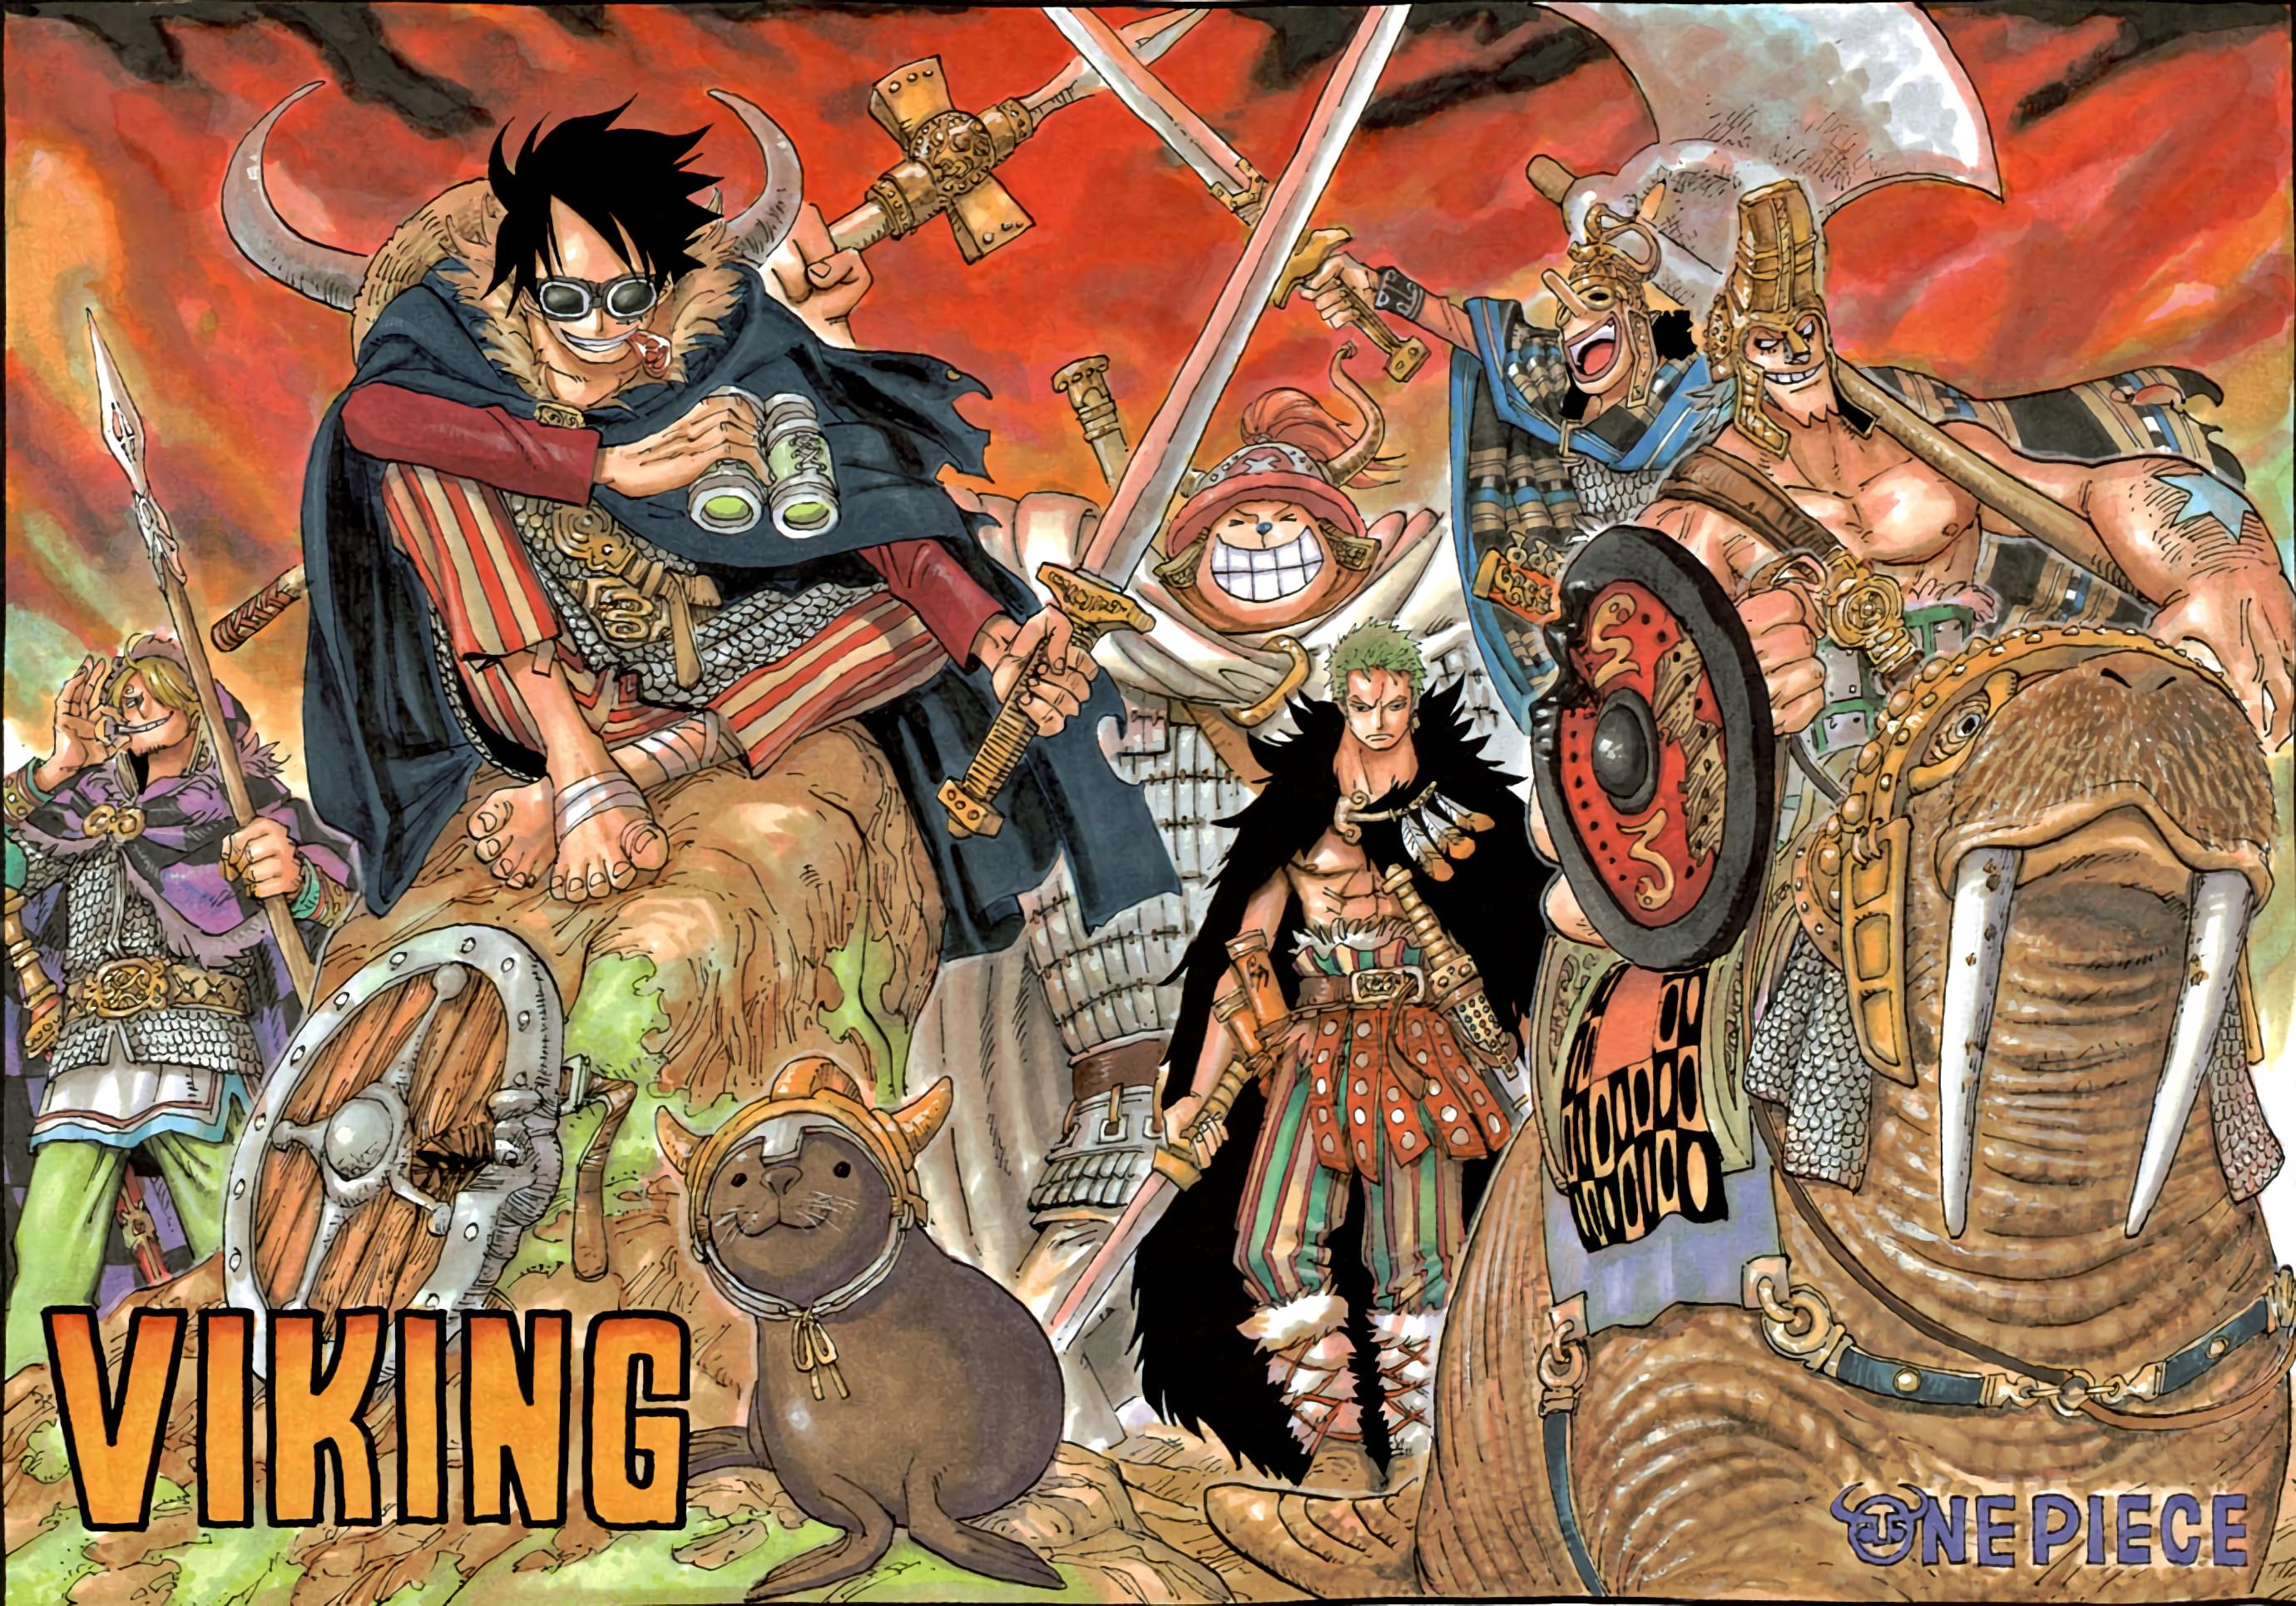 Res: 2760x1930, Anime - One Piece Monkey D. Luffy Zoro Roronoa Sanji (One Piece) Tony